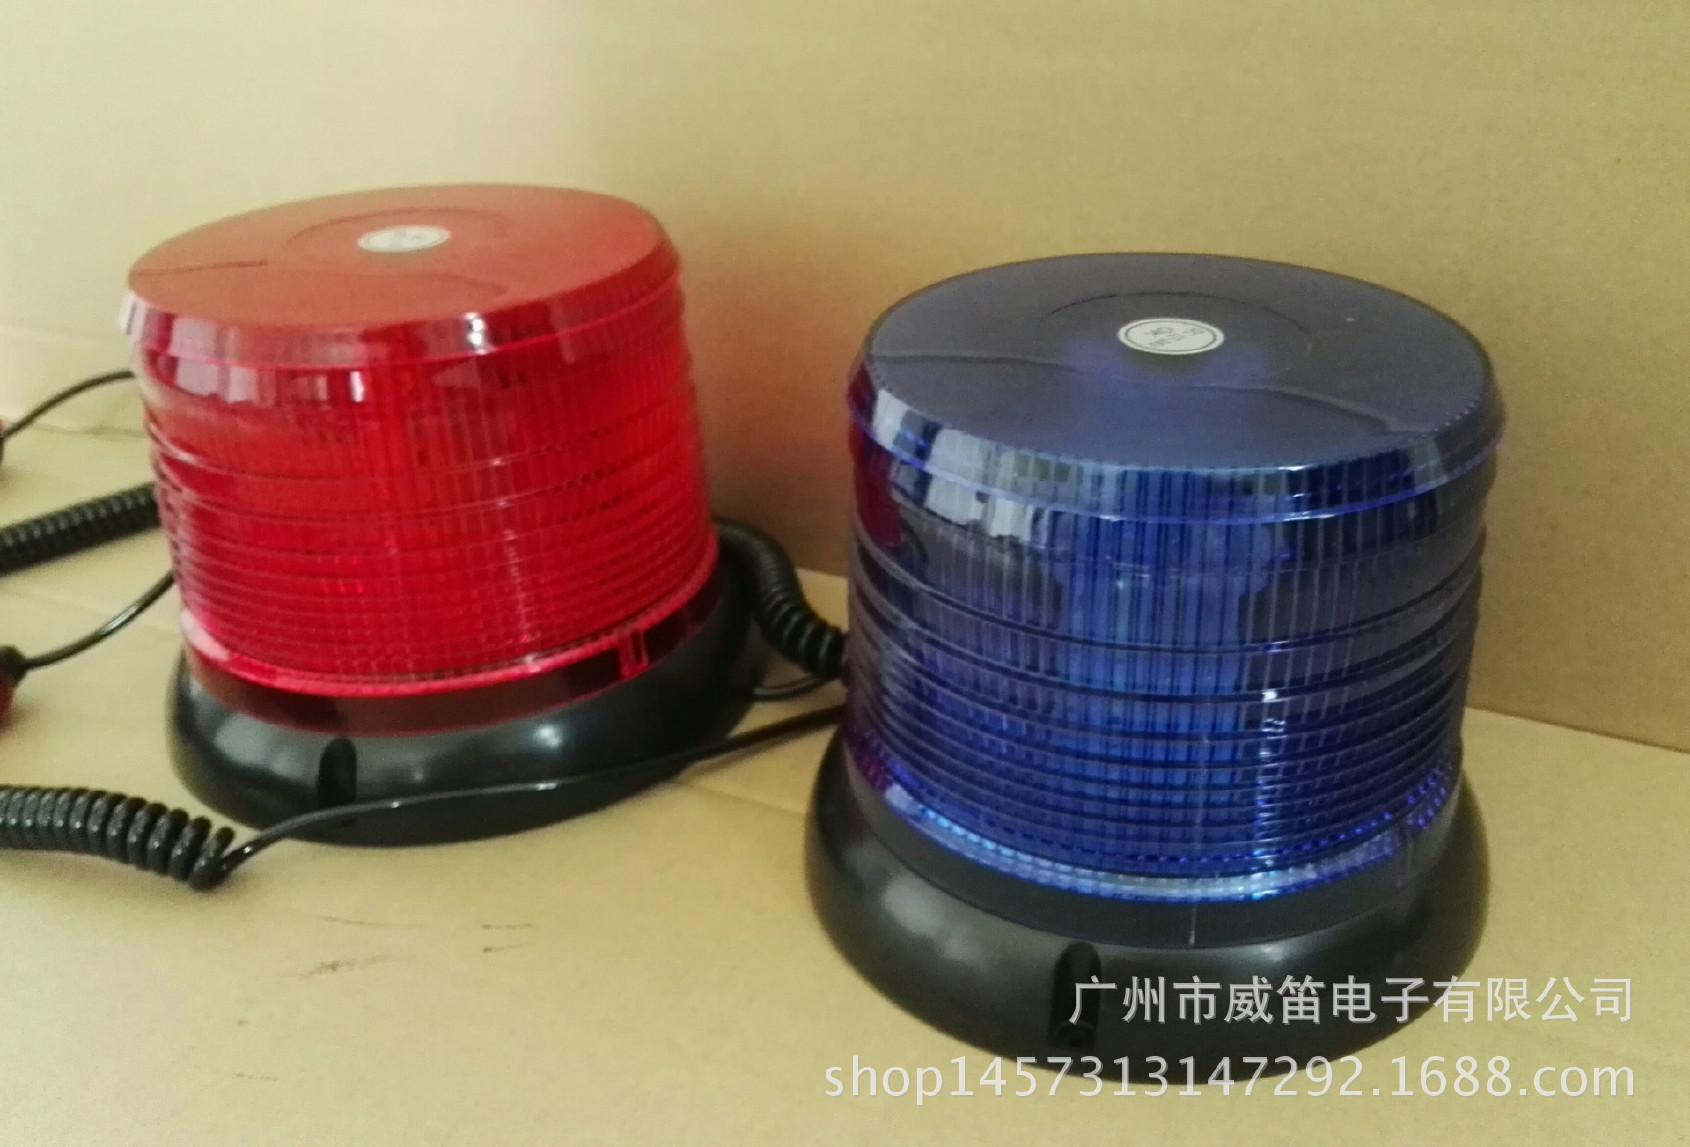 12-24V磁吸型LED频闪灯 救护车消防车校车工程车吸顶警示灯图片